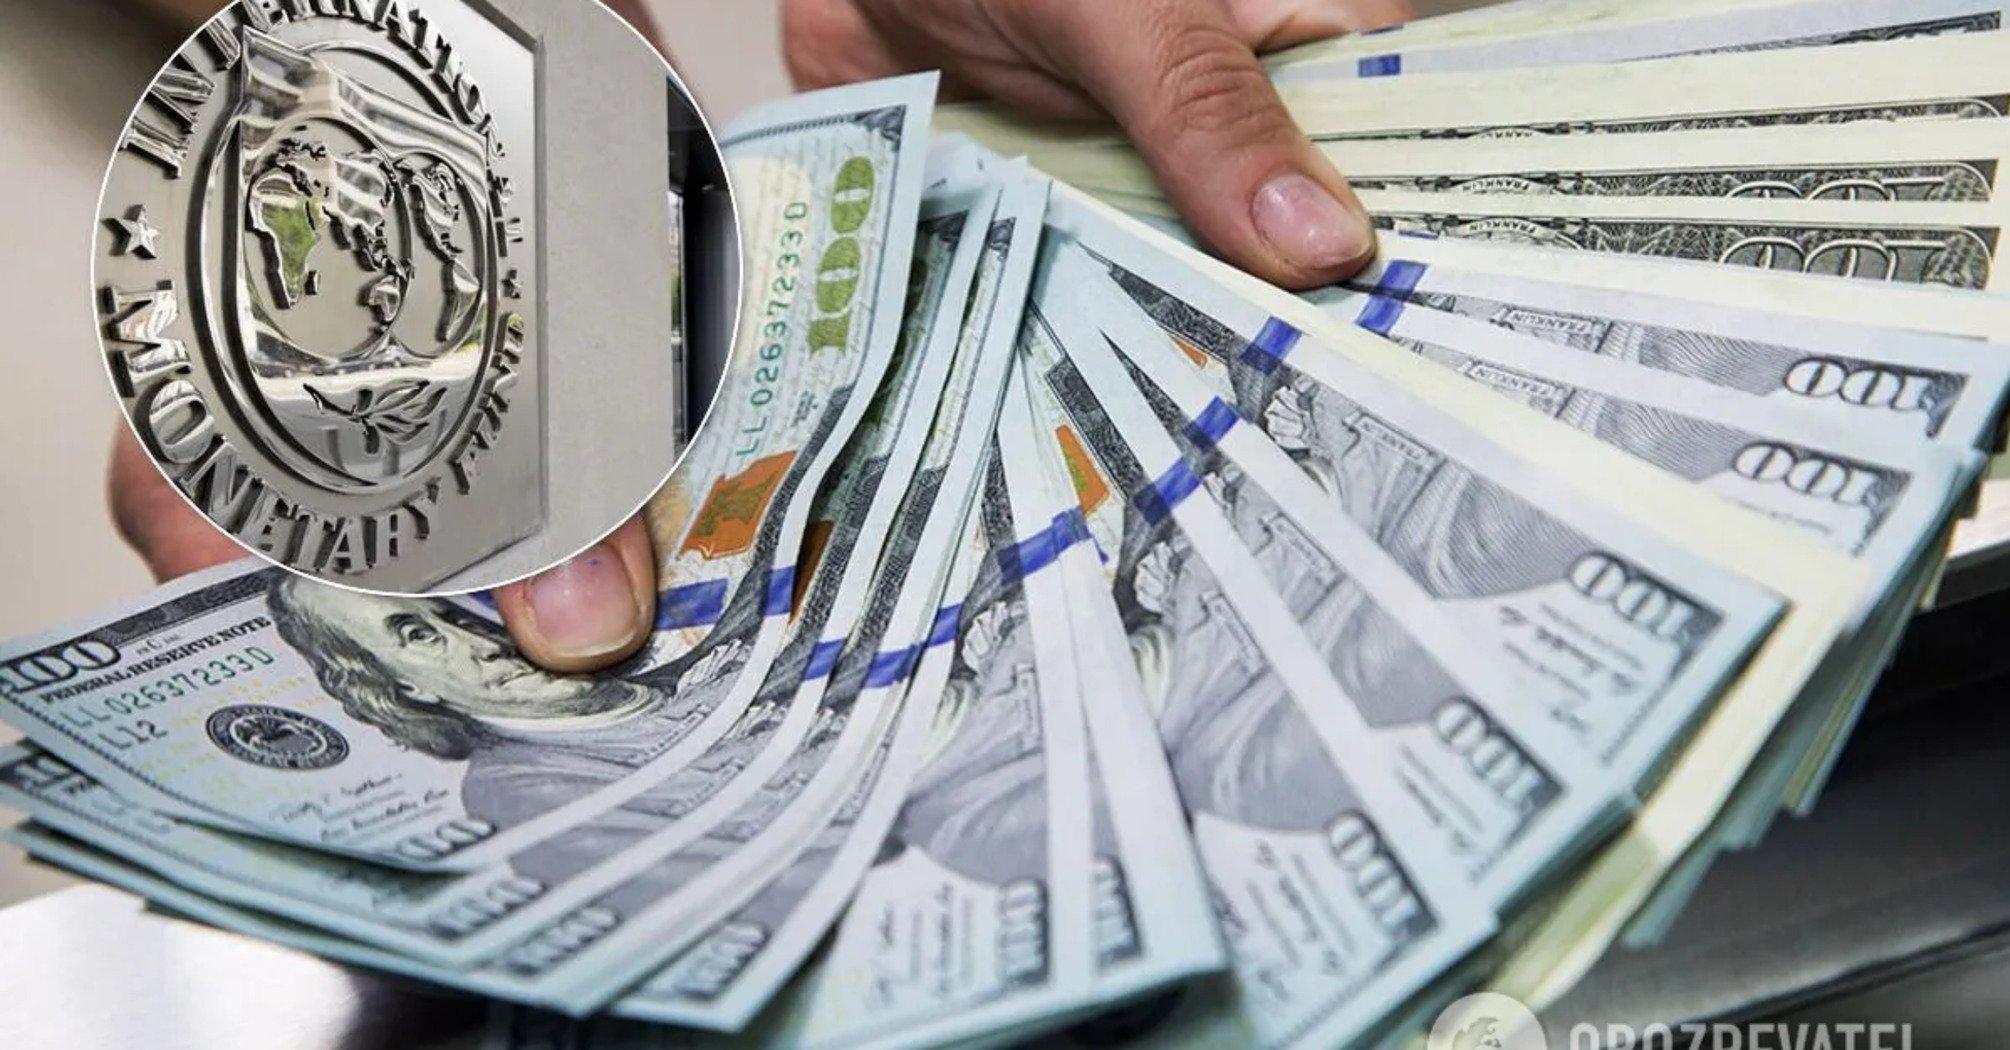 Украина получит от МВФ 2,7 млрд долларов: названы сроки